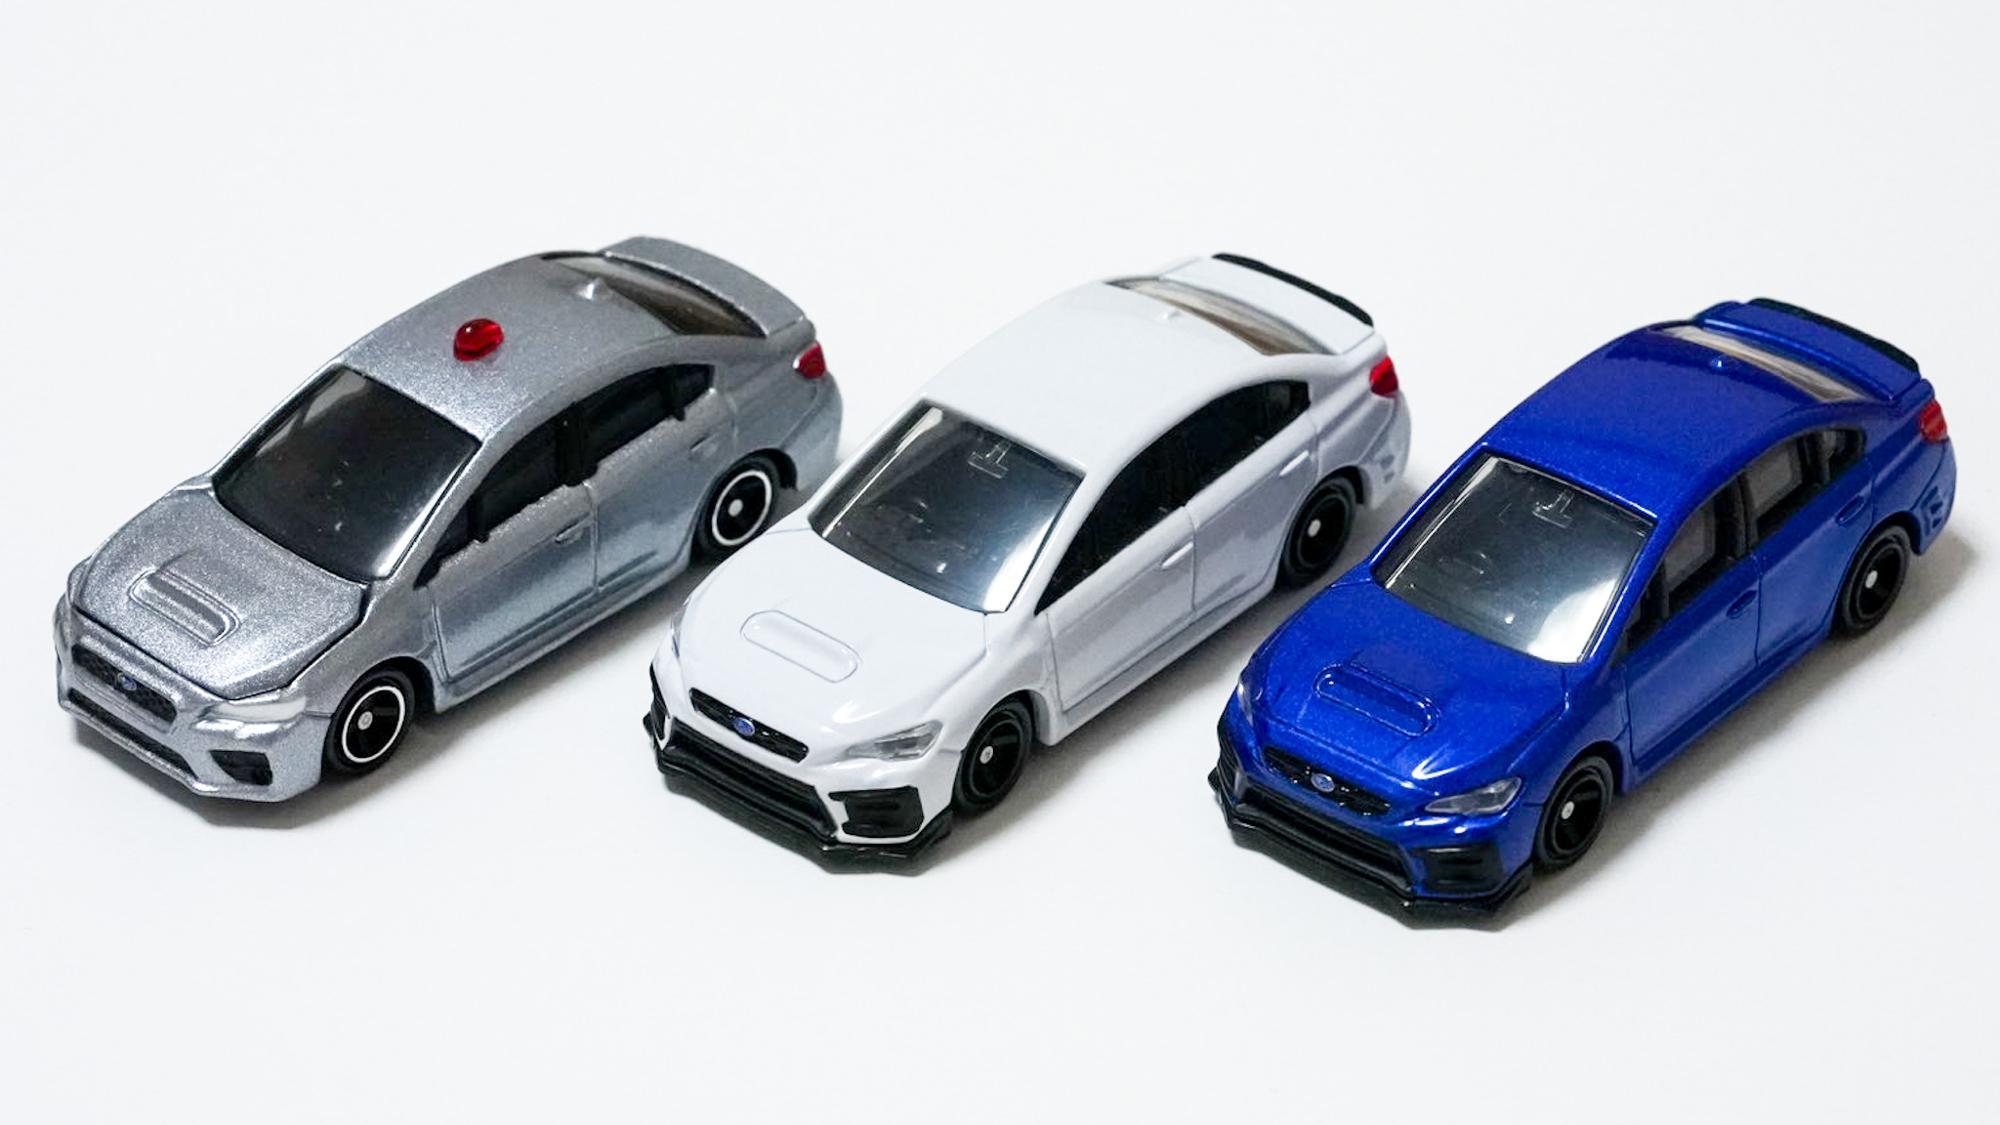 WRX S4ばっかり。パトカー買った時はまだ右の2台がリリースされてなかったのや!